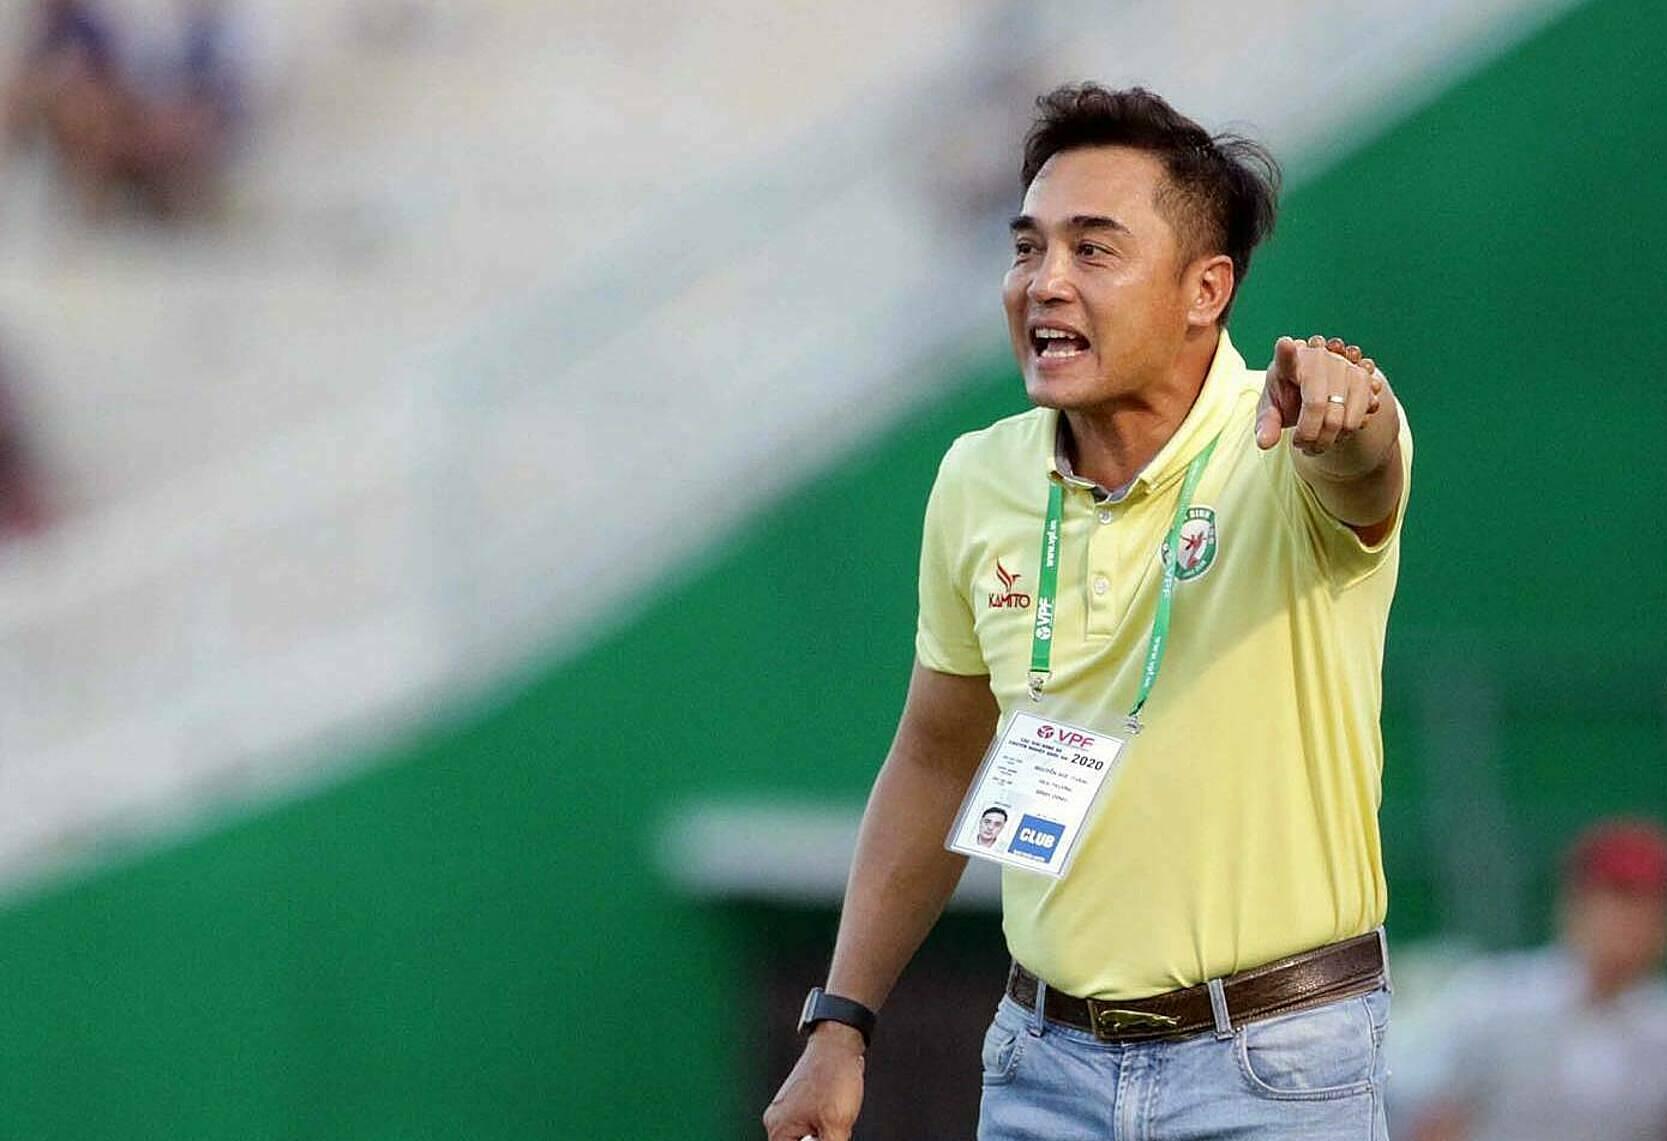 Pelatih Nguyen Duc Thang akan membawa pasukan Binh Dinh untuk menghadapi HAGL untuk pertama kalinya.  Foto: Duc Dong.